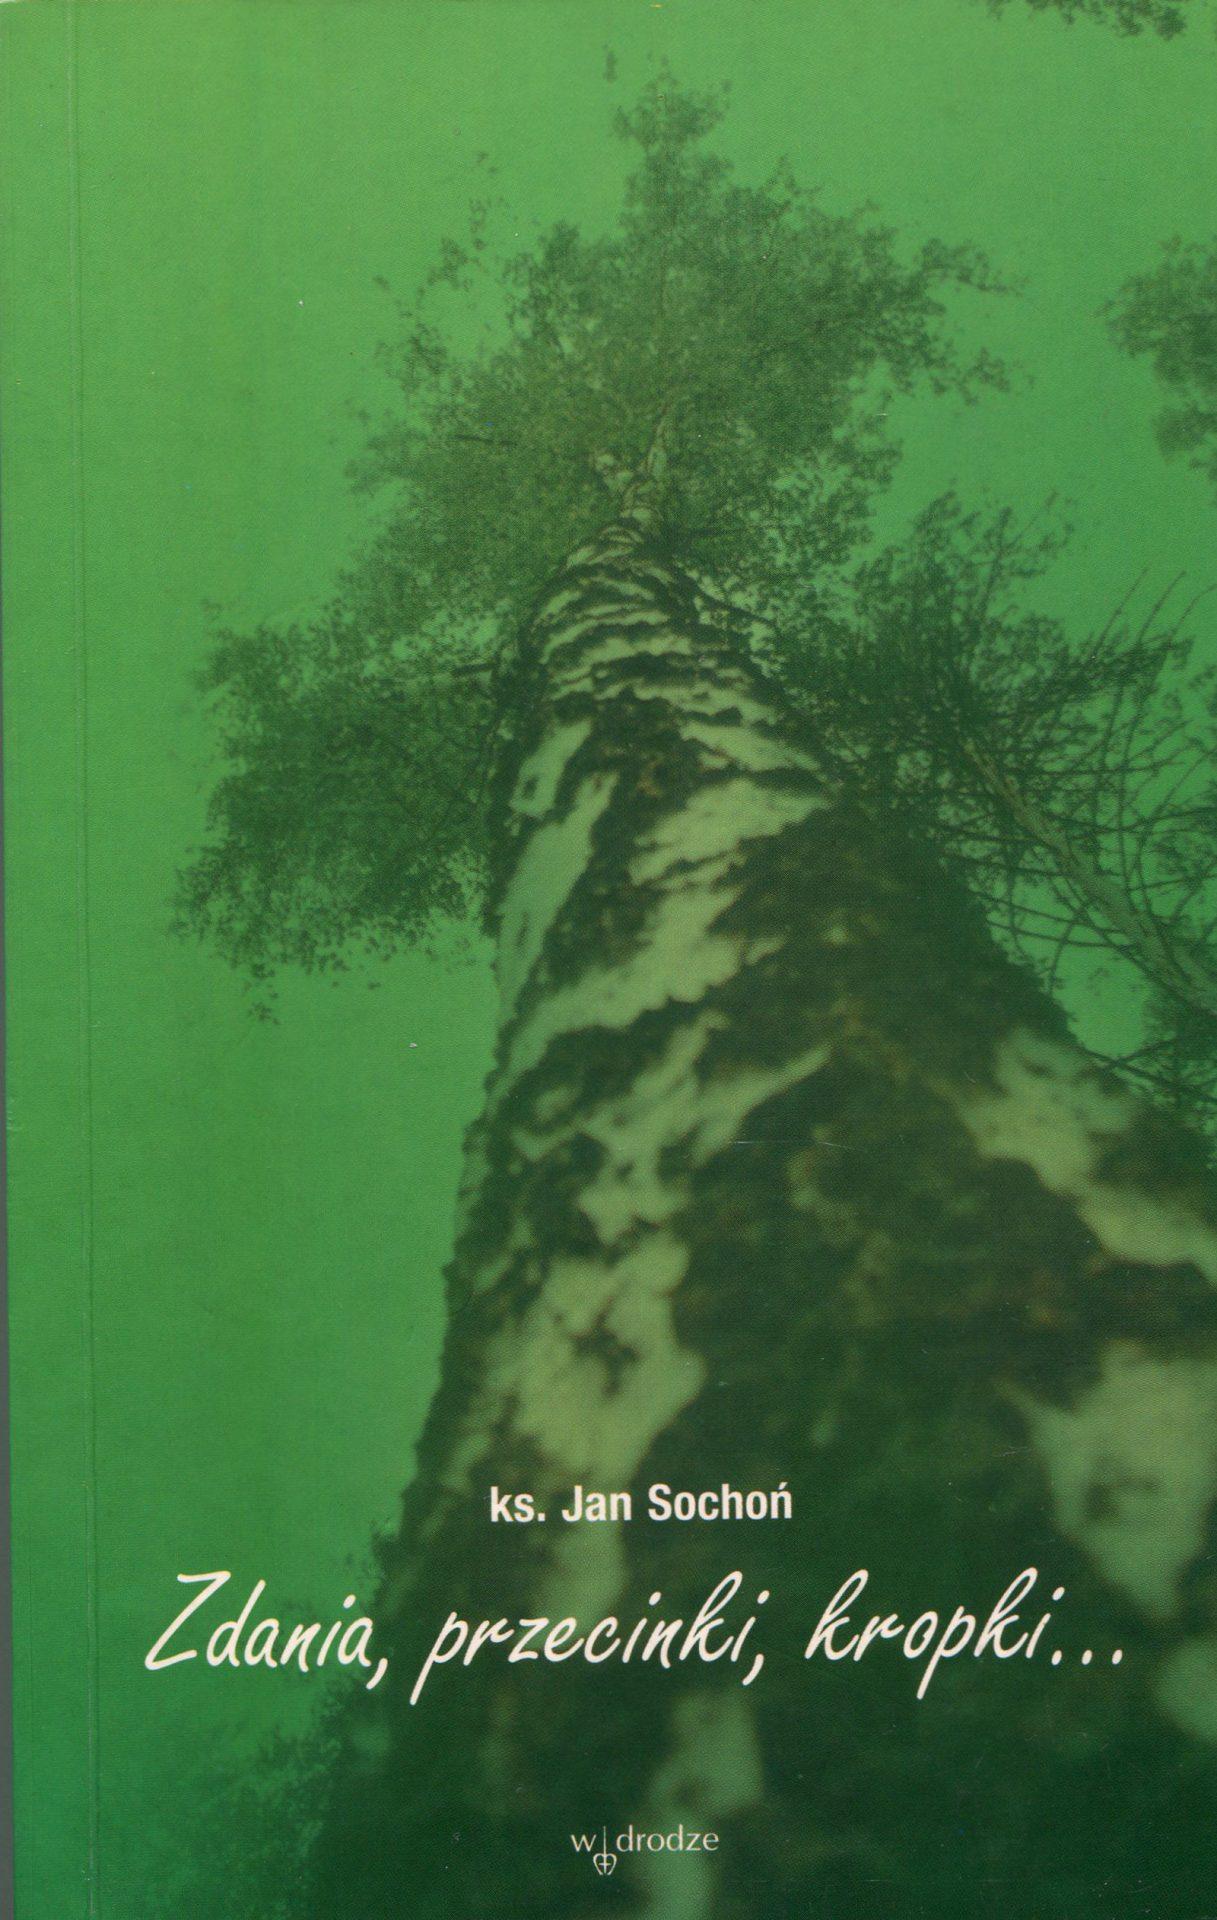 Zdania, przecinki, kropki - Jan Sochoń